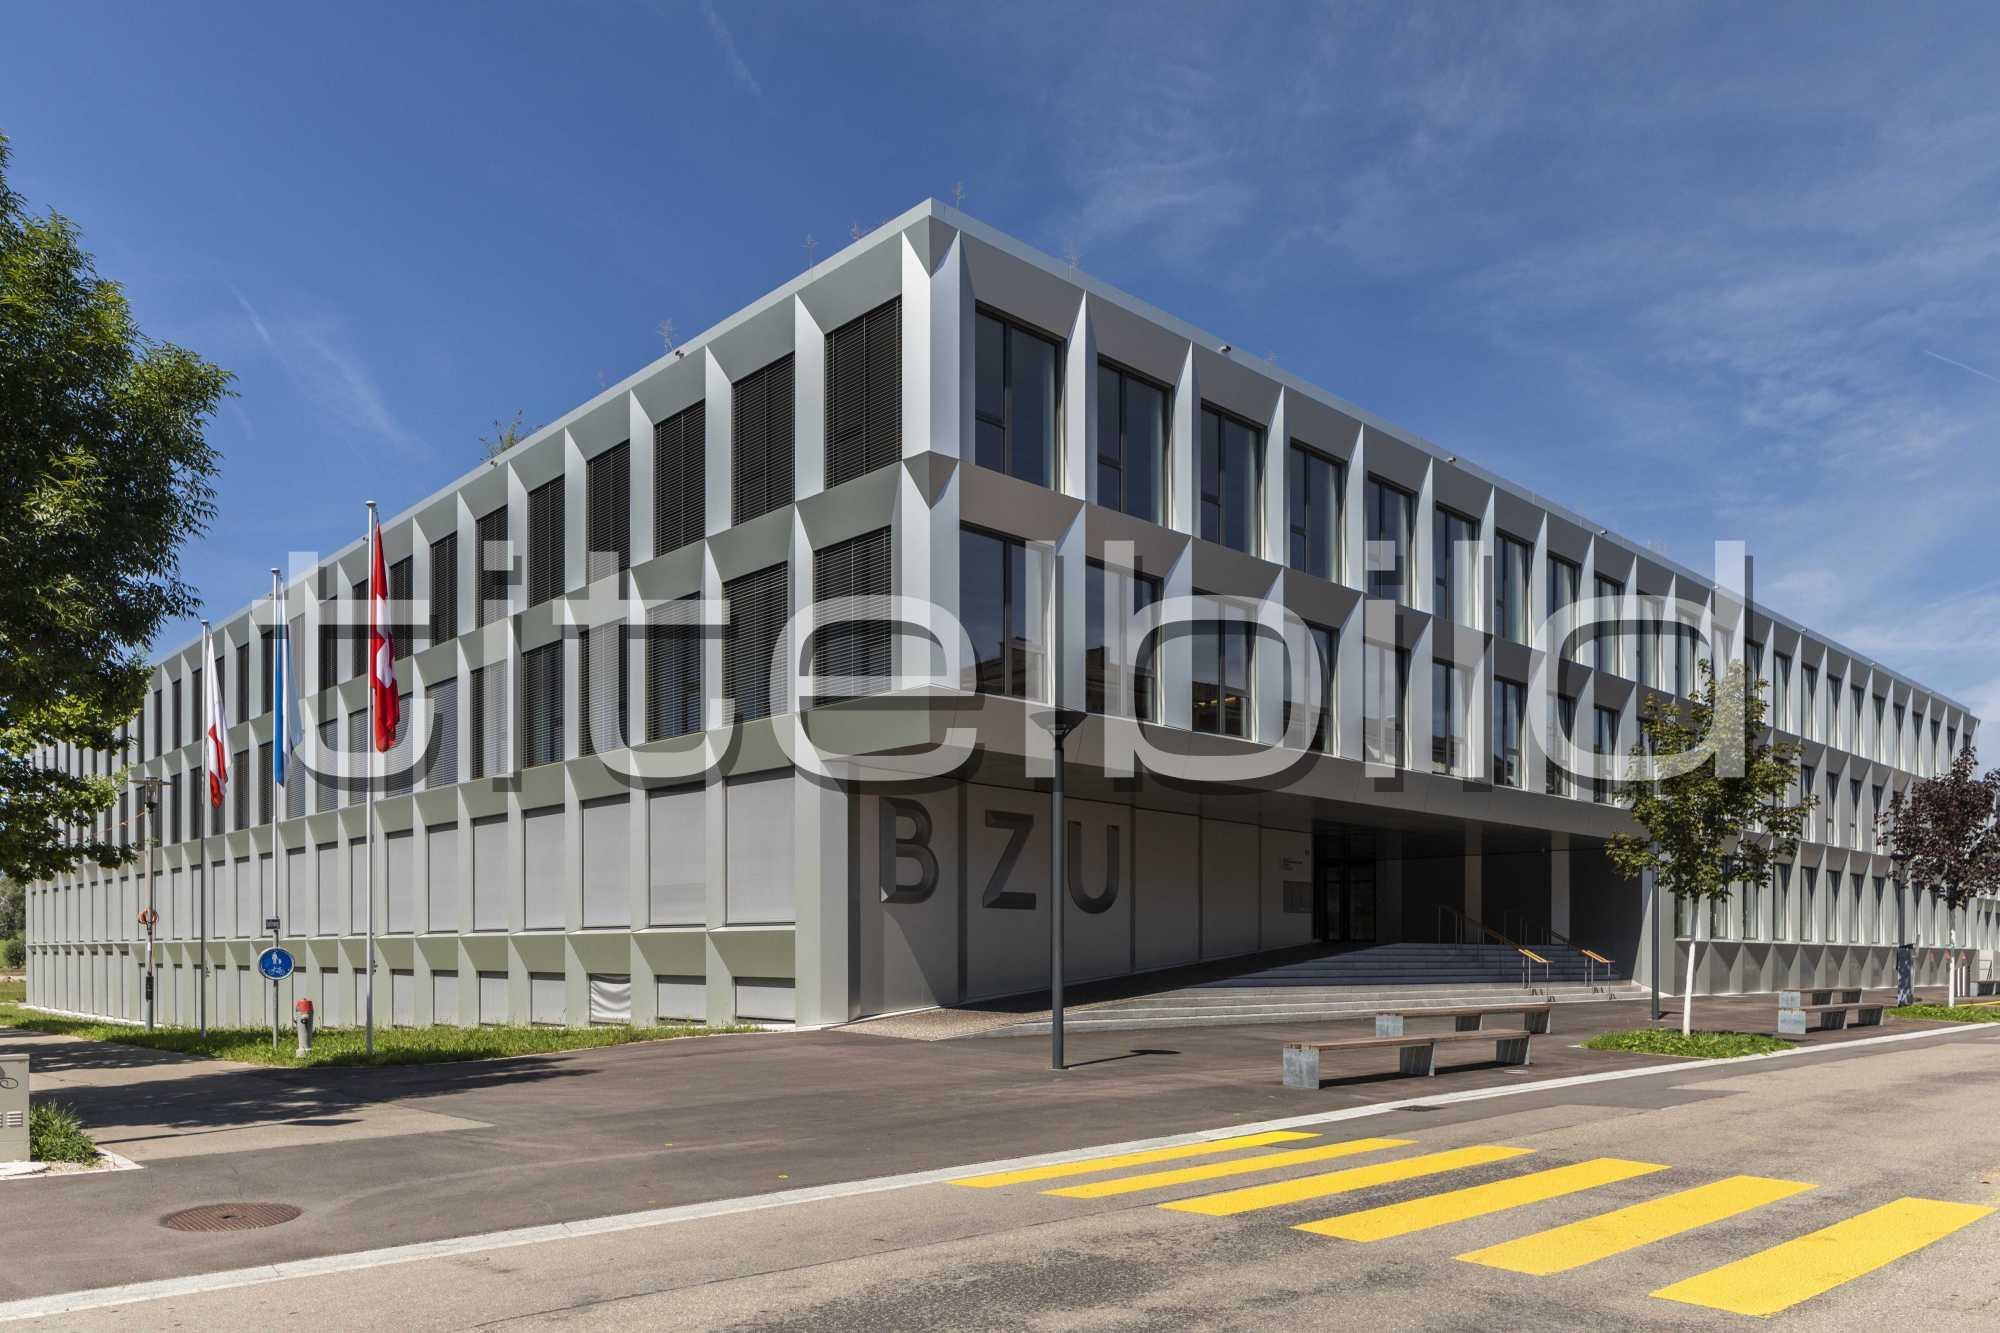 Projektbild-Nr. 0: BZU Bildungszentrum